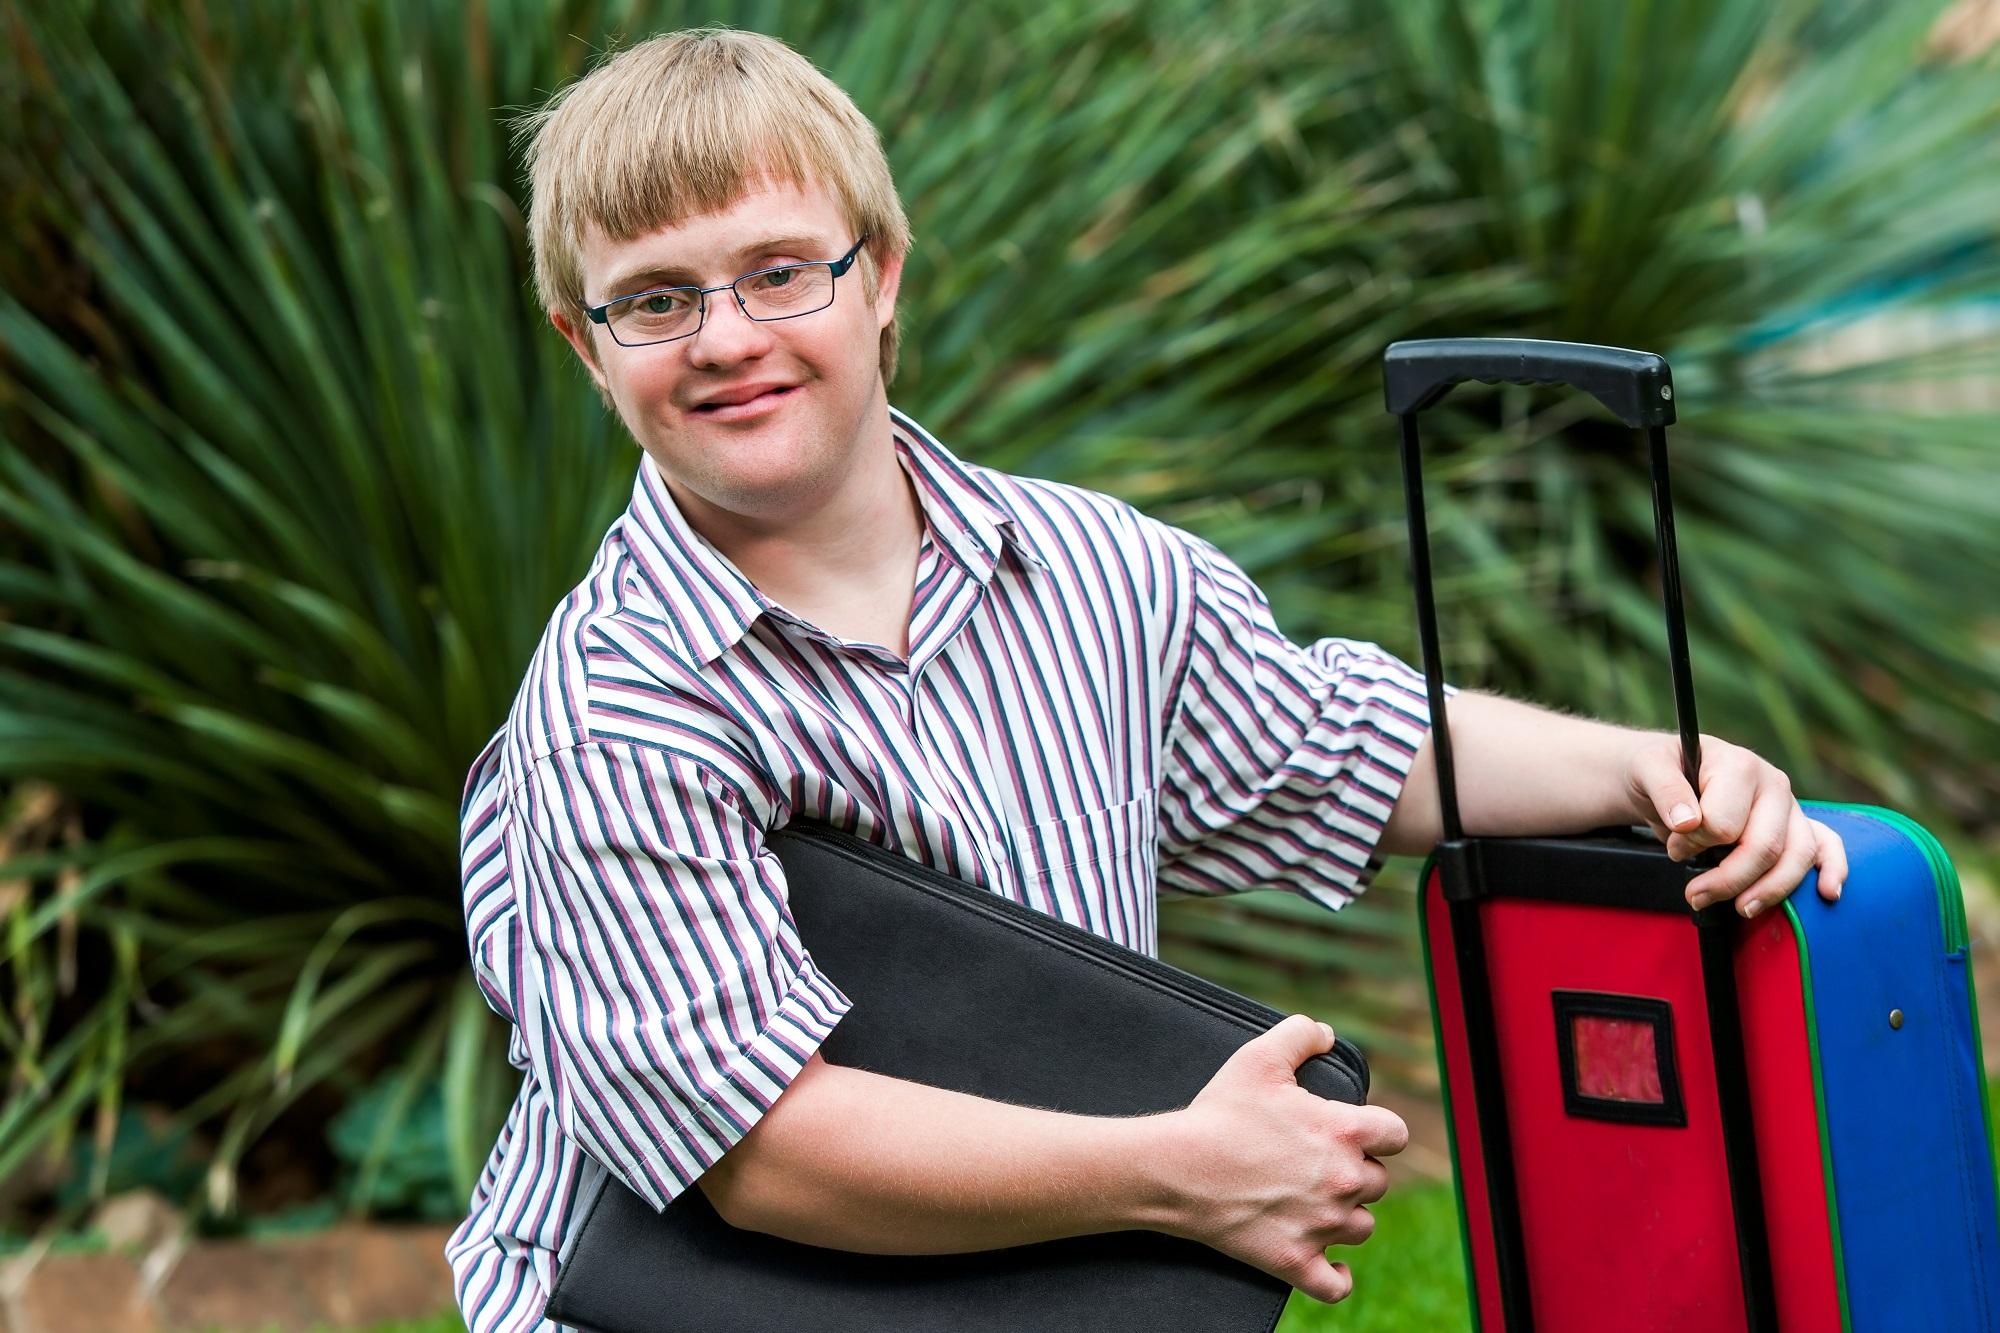 Photo pour accompagner le feuillet de la conférence au sujet du Plan d'intervention offerte par le Comité consultatif des services aux élèves handicapés ou en difficulté d'adaptation ou d'apprentissage.